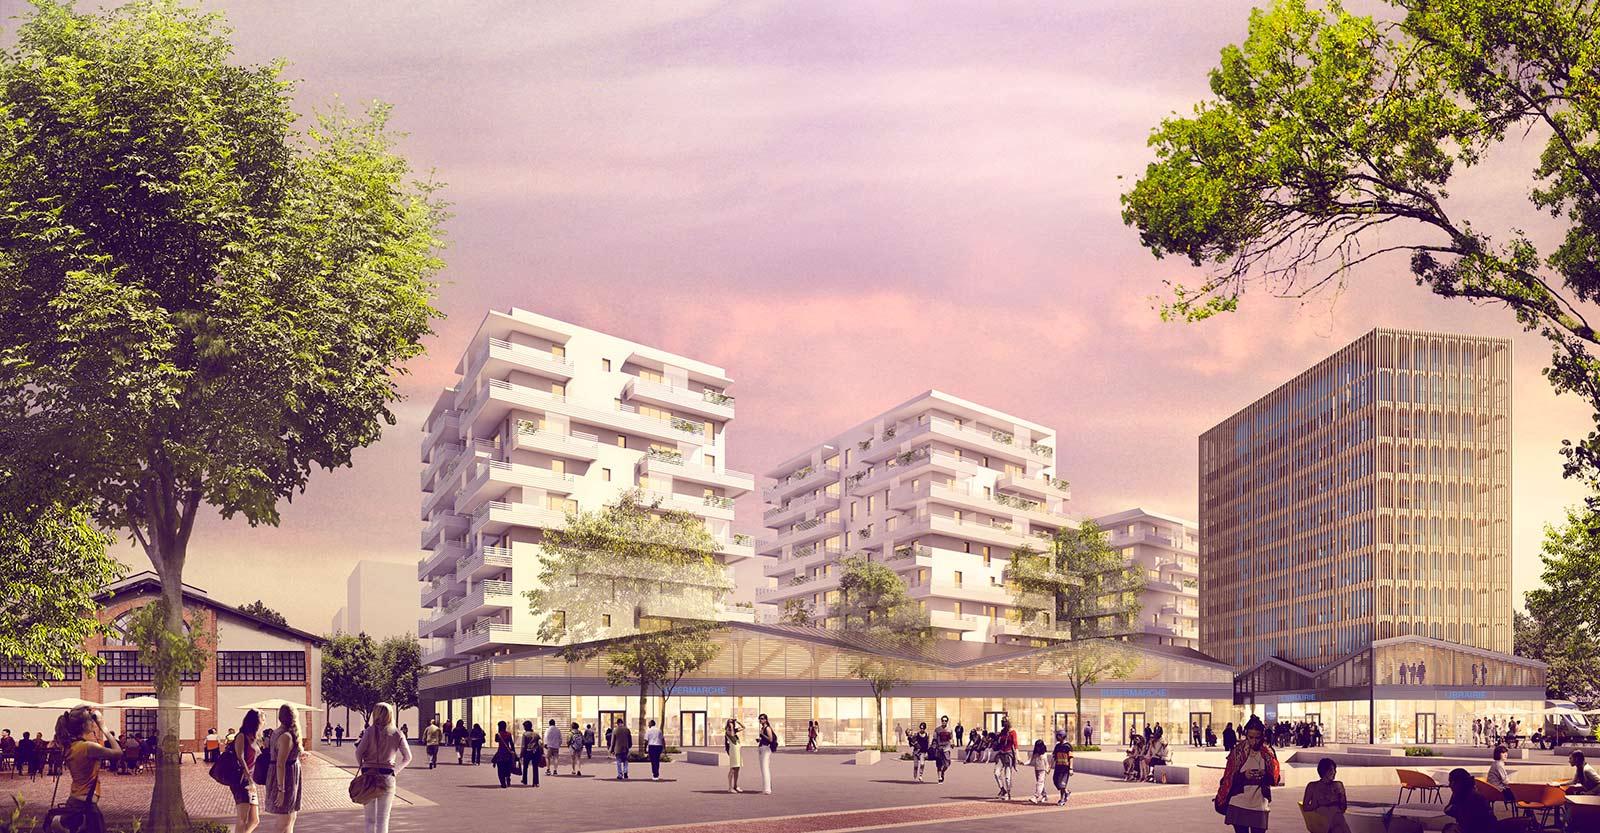 PROGRAMME MIXTE EN BOIS - TOULOUSE - bellecour architectesharter-les yeux carres-la cartoucherie-ecoquartier-toulouse